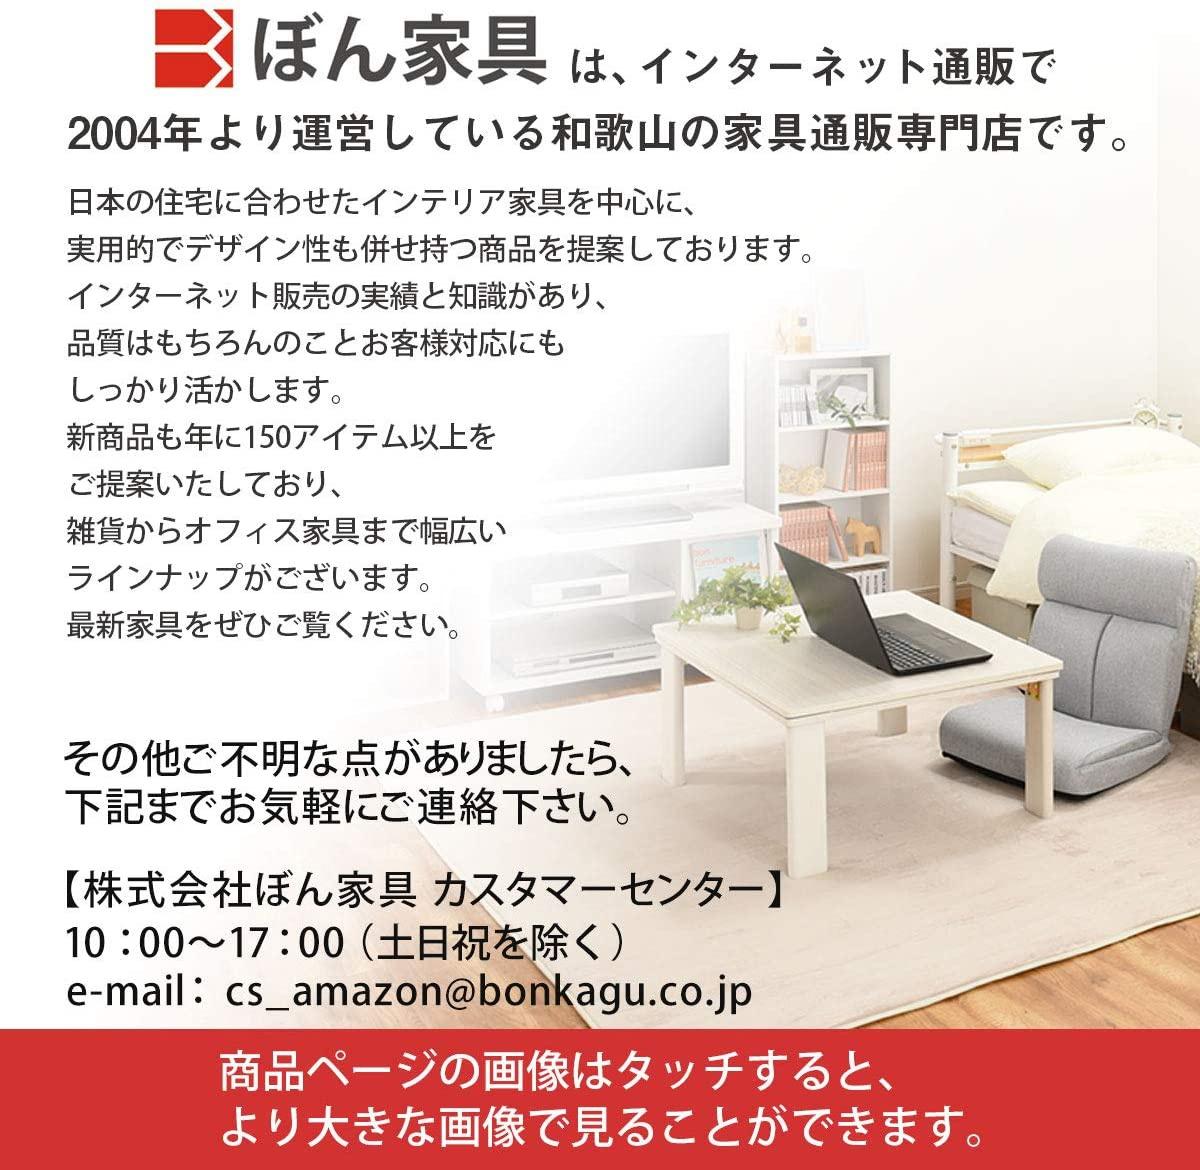 ぼん家具 ブーツキーパー SHOESBOX000001の商品画像7